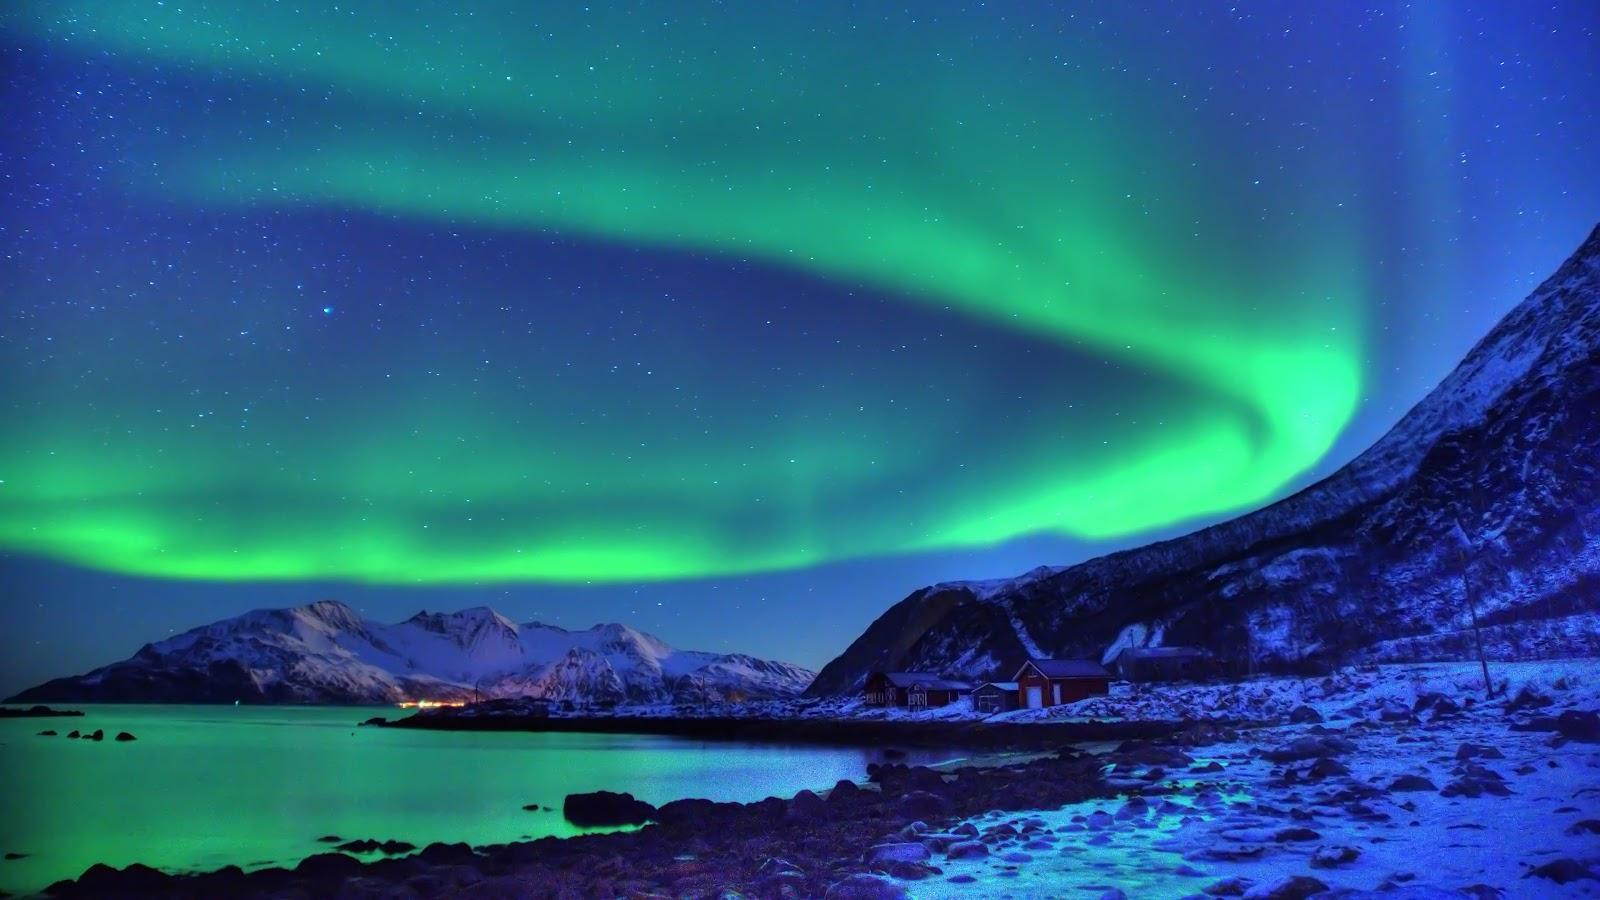 Aurora boreale raccolta immagini sfondi sfondi for Sfondi aurora boreale